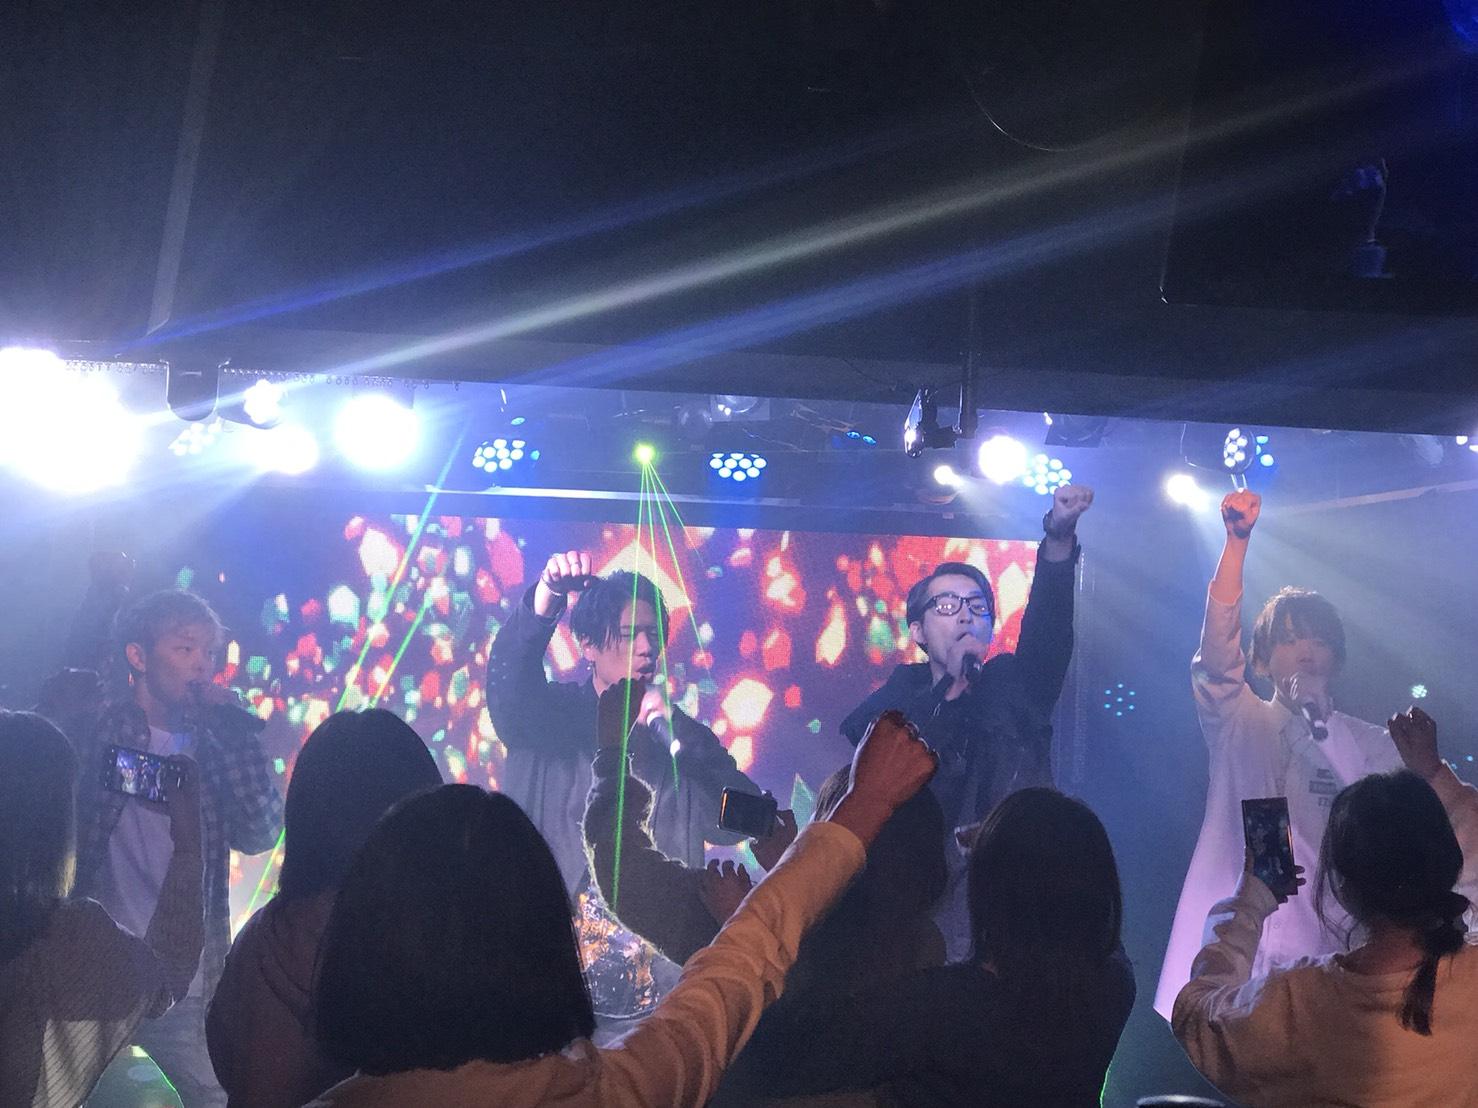 天神ポケットのライブ・イベント写真